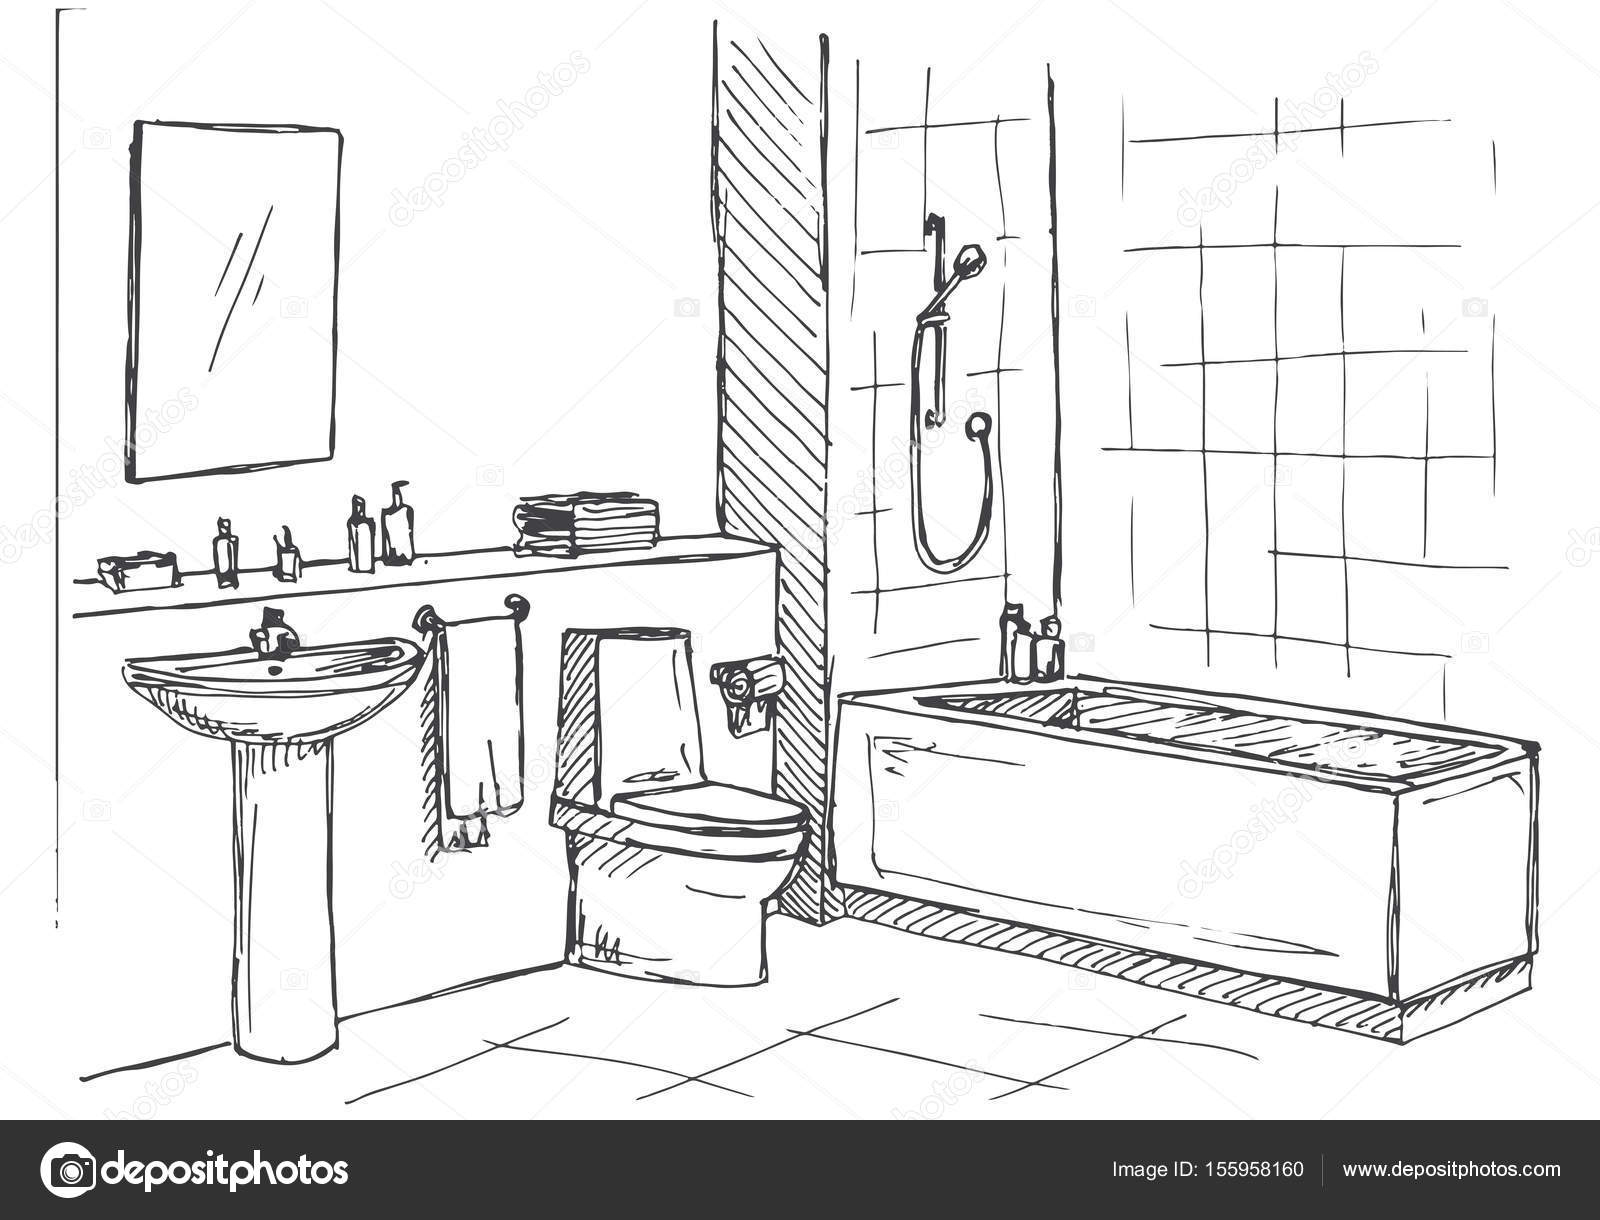 Schizzo disegnato a mano. Schizzo lineare di un interno. Parte del ...